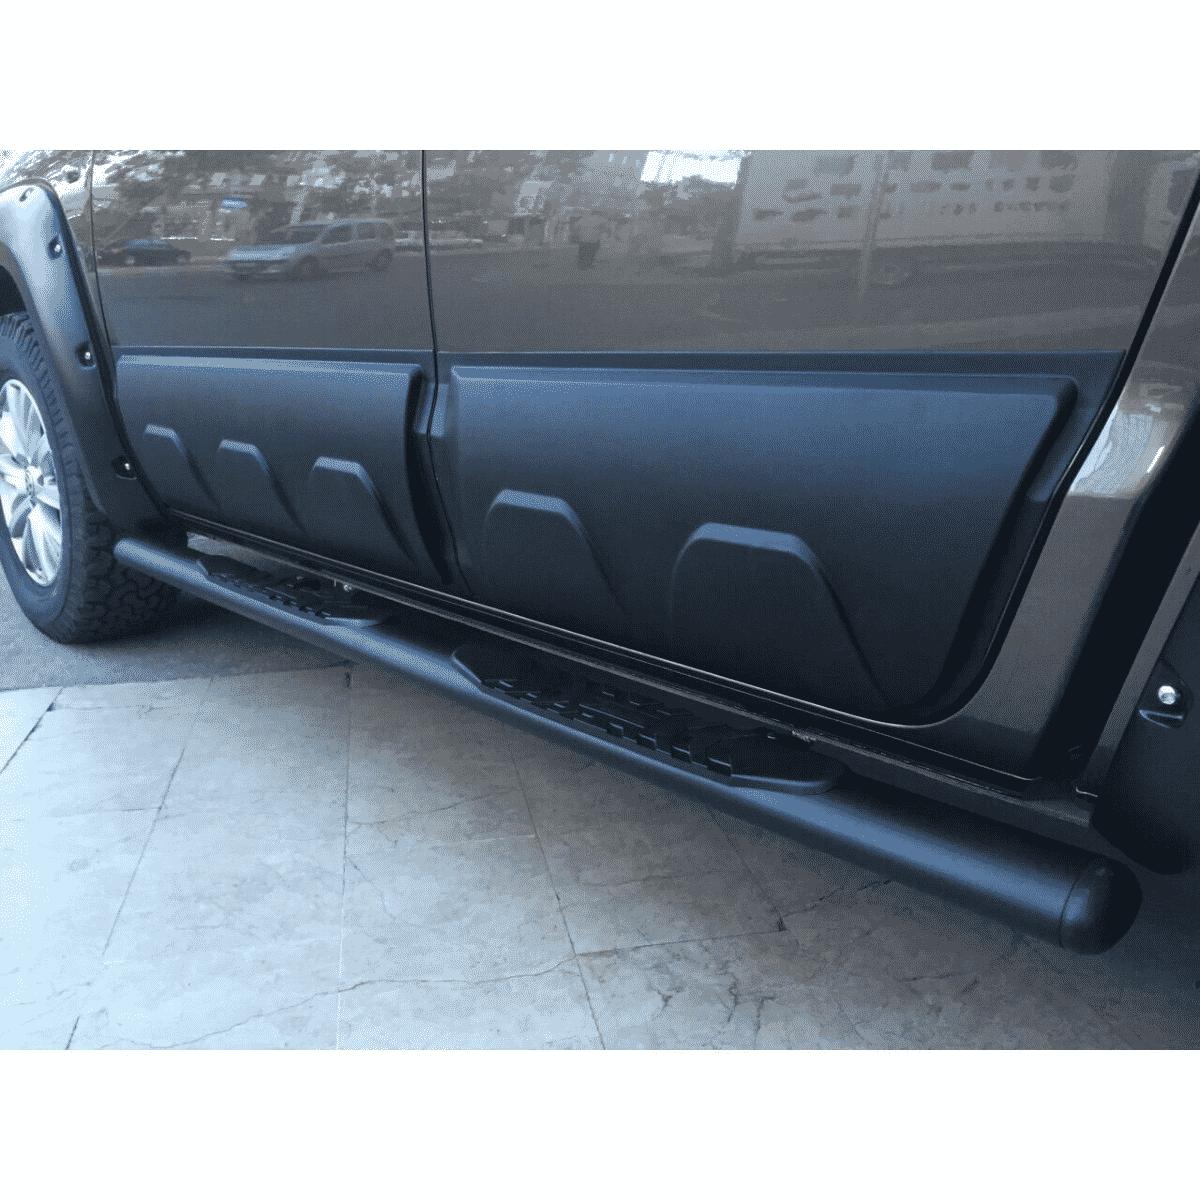 Volkswagen Amarok Yan Kapı Koruması